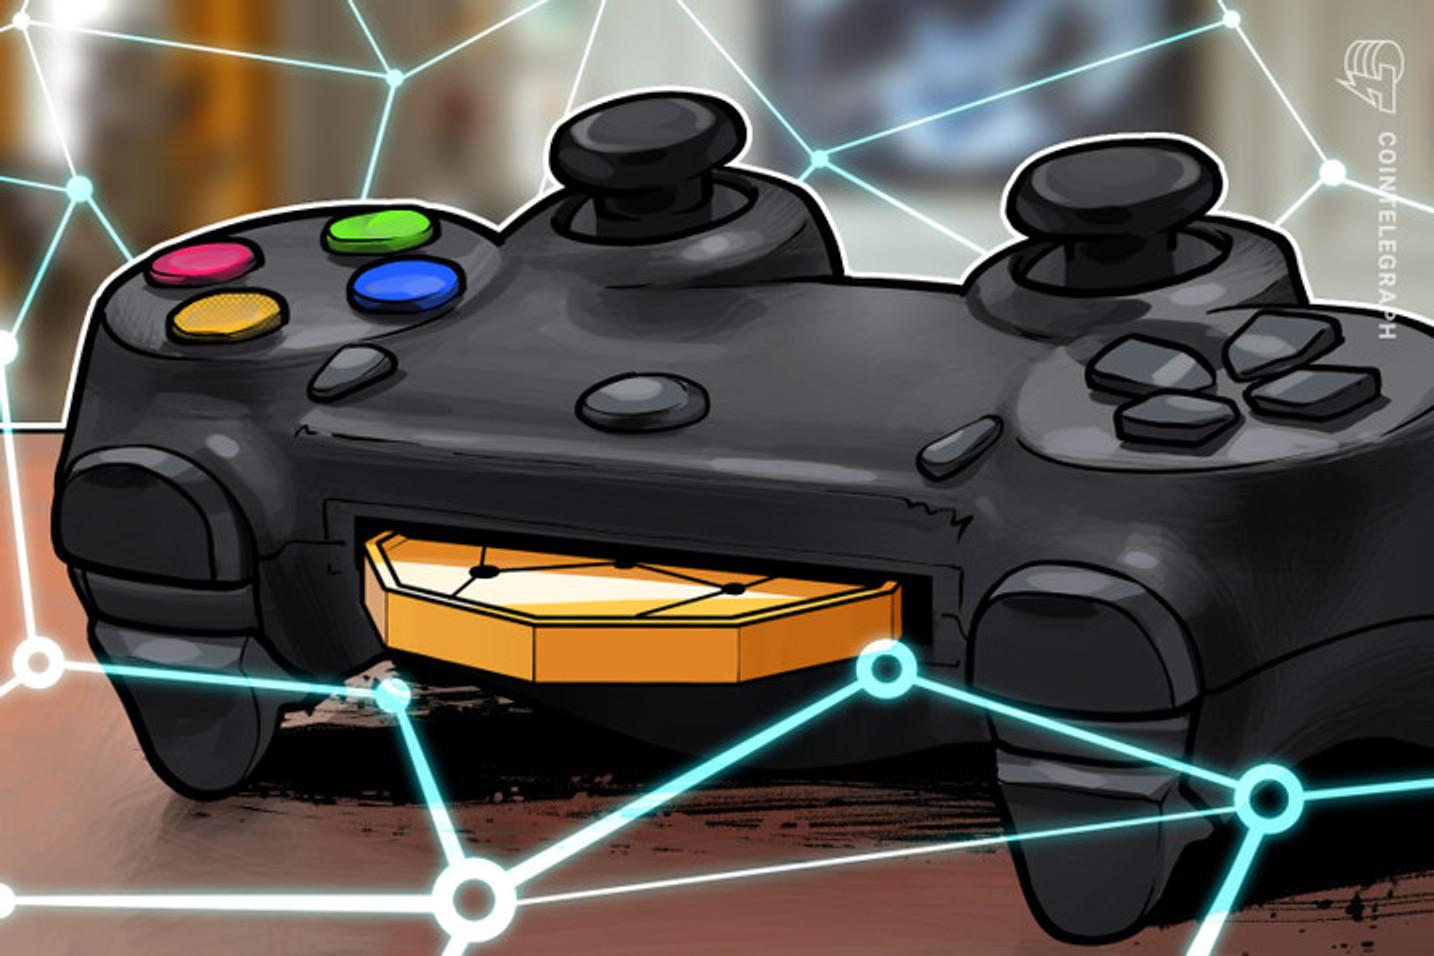 Cashback de BTC em Dobro: Zro Bank lança iniciativa para atrair gamers com vantagens em Bitcoin na compra de créditos e cursos de eSports